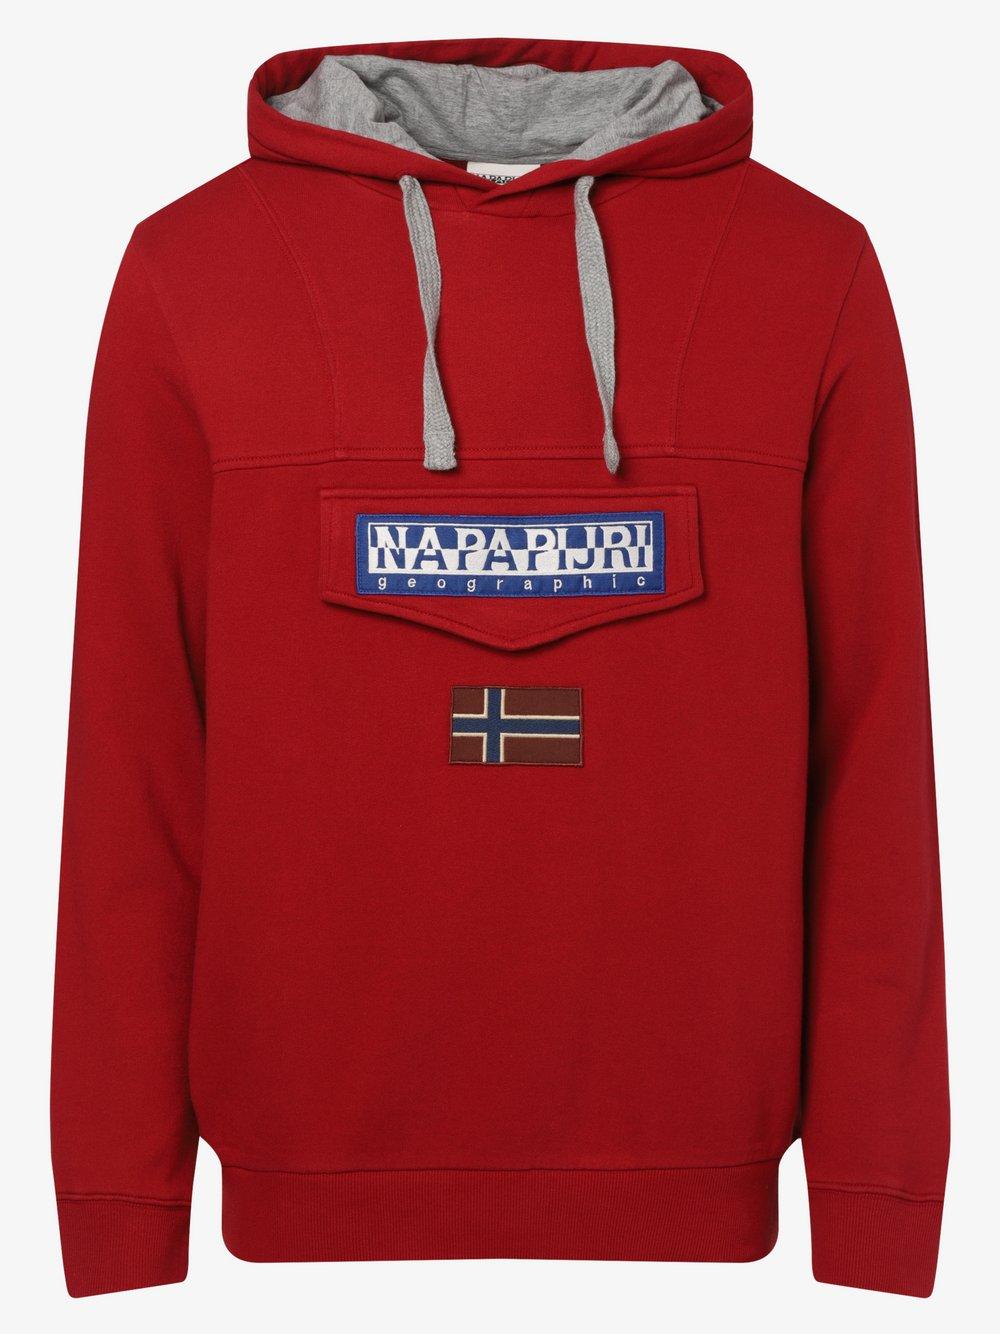 Napapijri - Męska bluza z kapturem – Burgee, czerwony